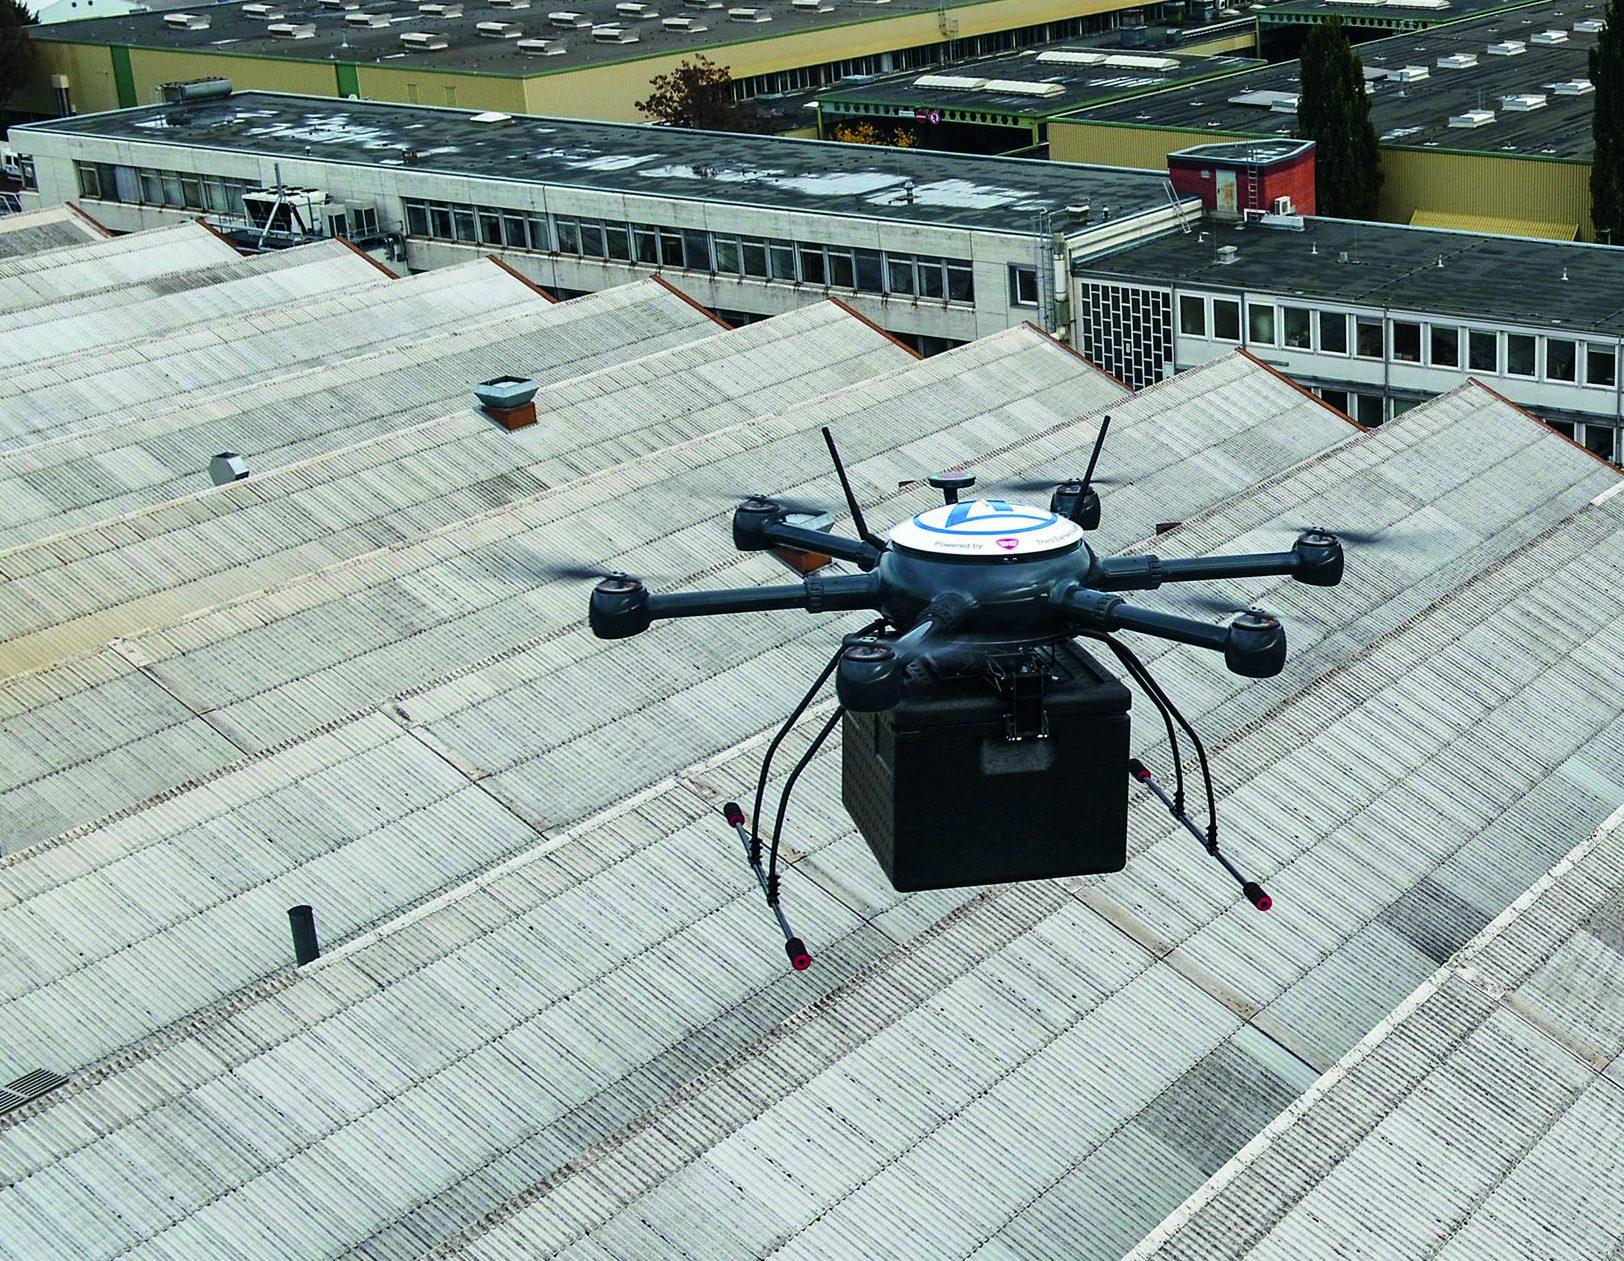 Automatisierte Lieferdrohne über den Dächern der Werkshallen des ZF-Werks in Friedrichshafen.